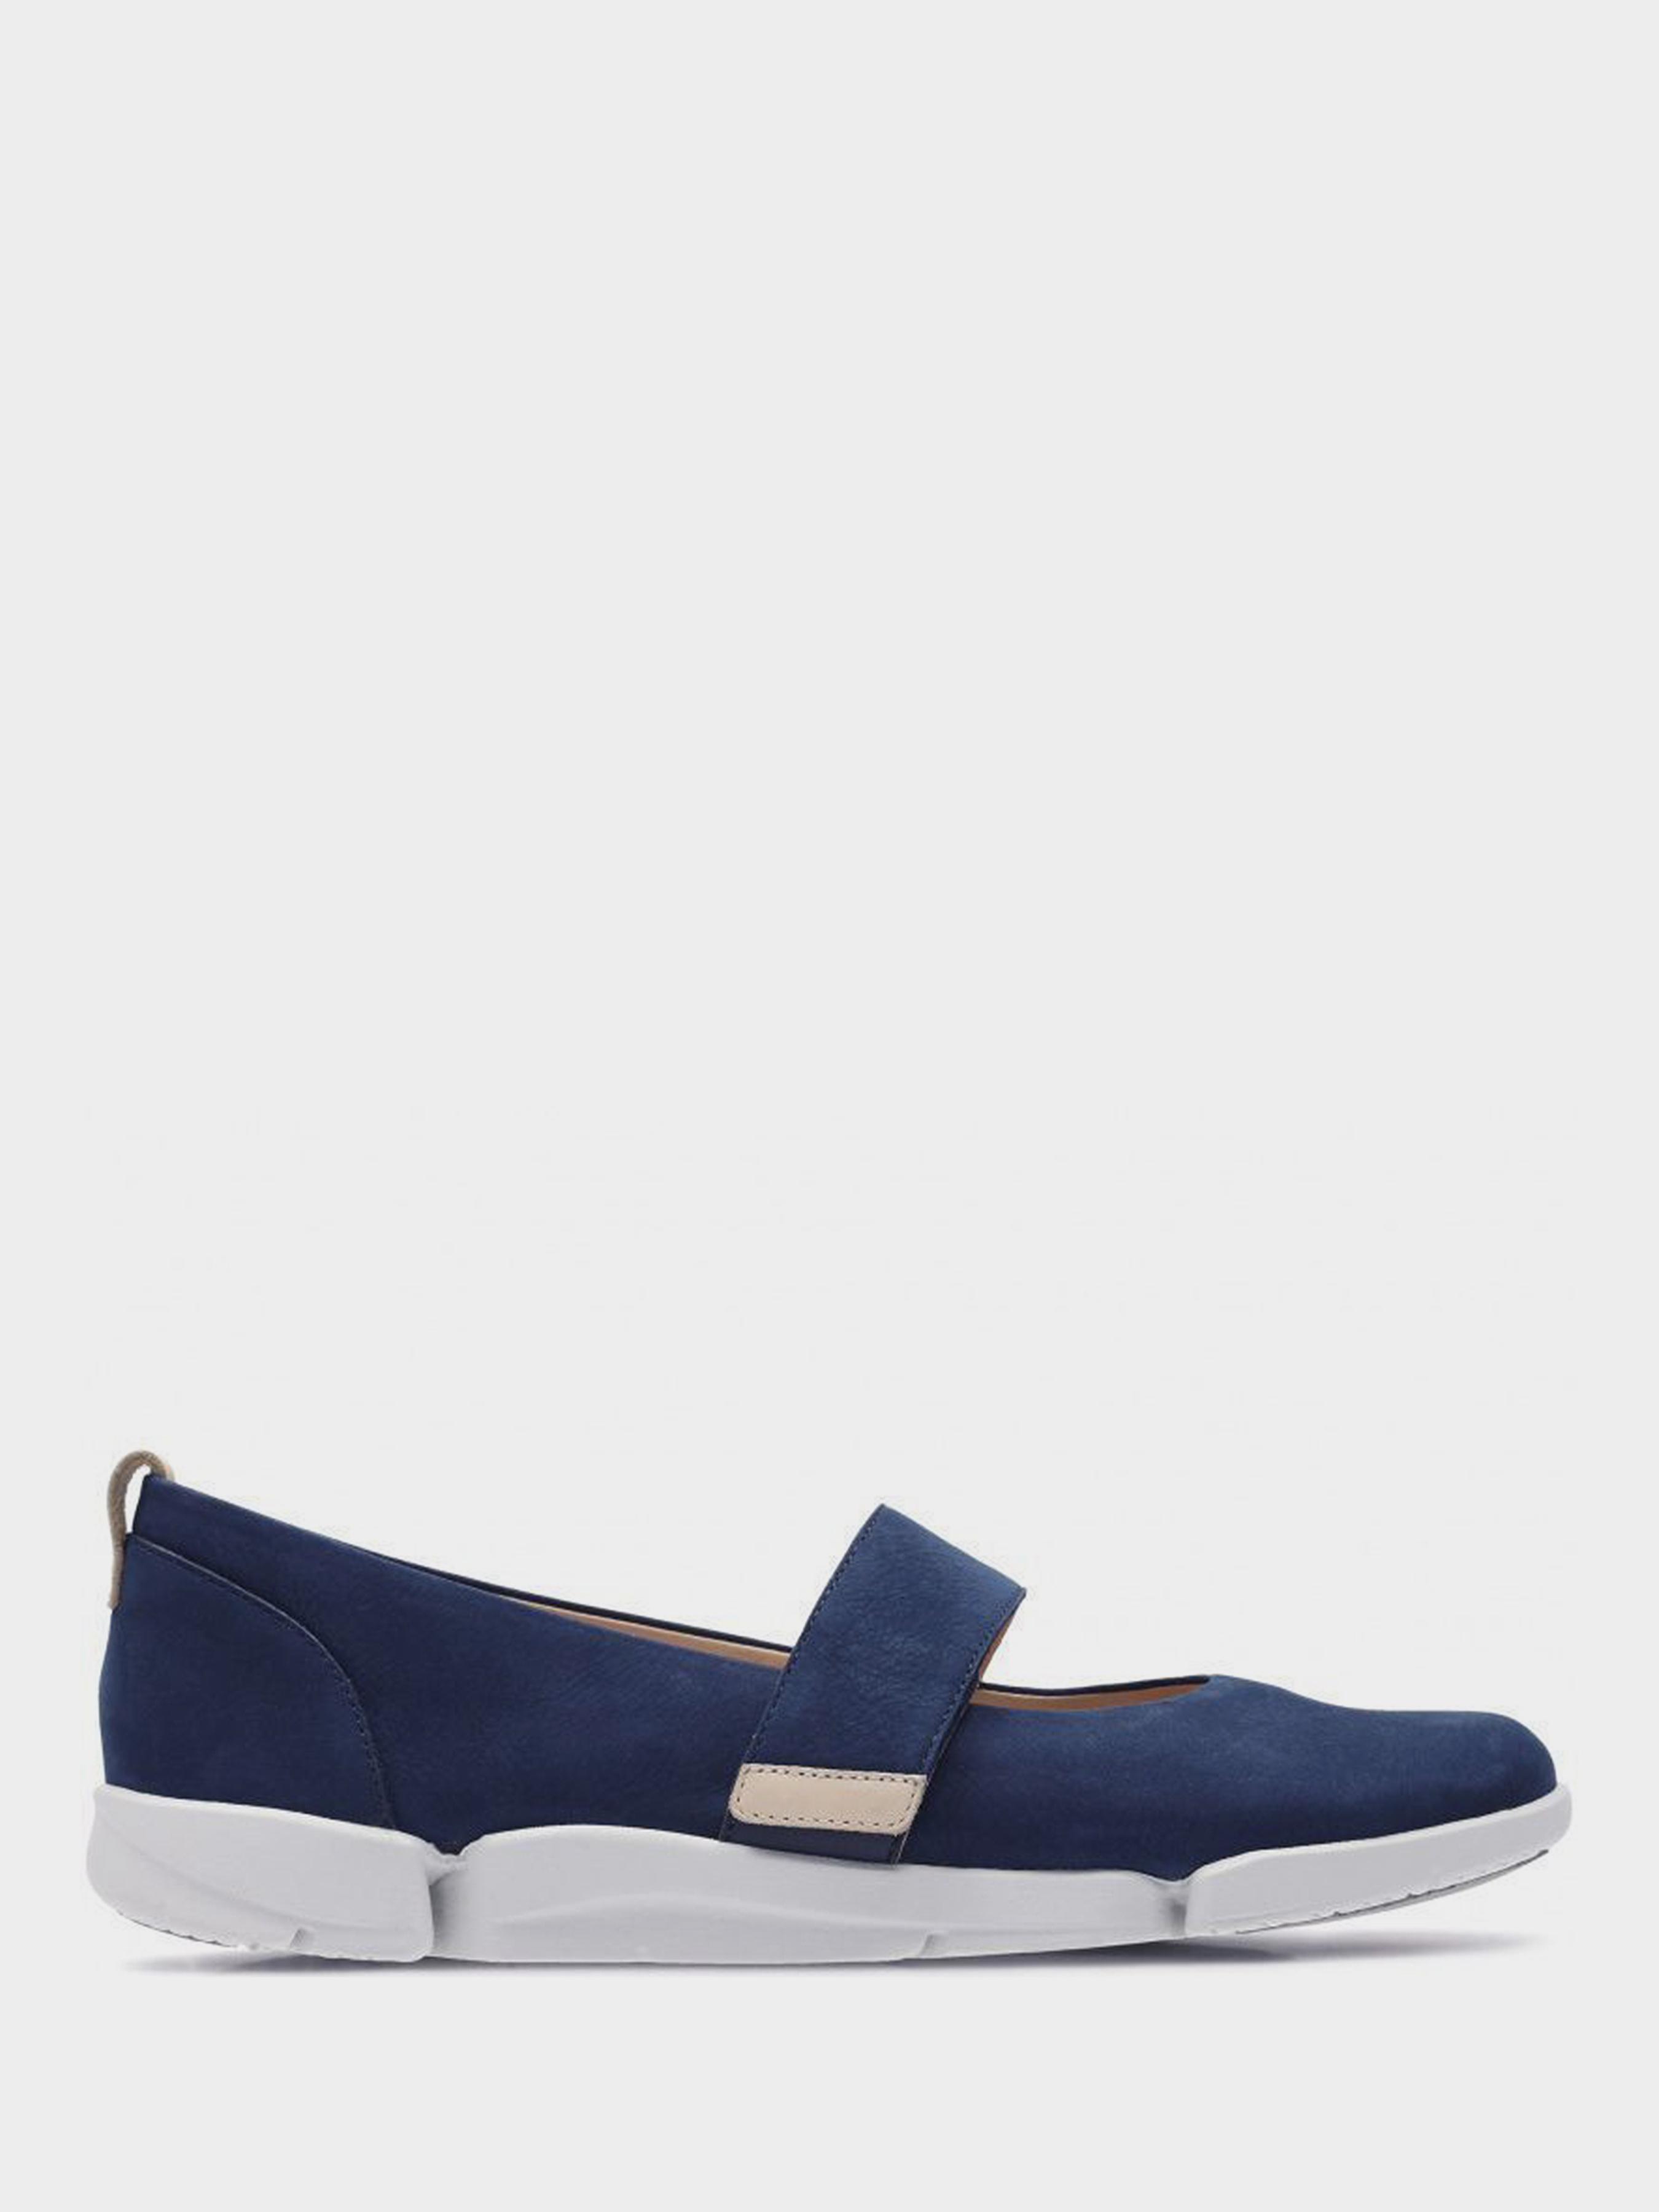 Туфли женские Clarks Tri Carrie OW4228 модная обувь, 2017